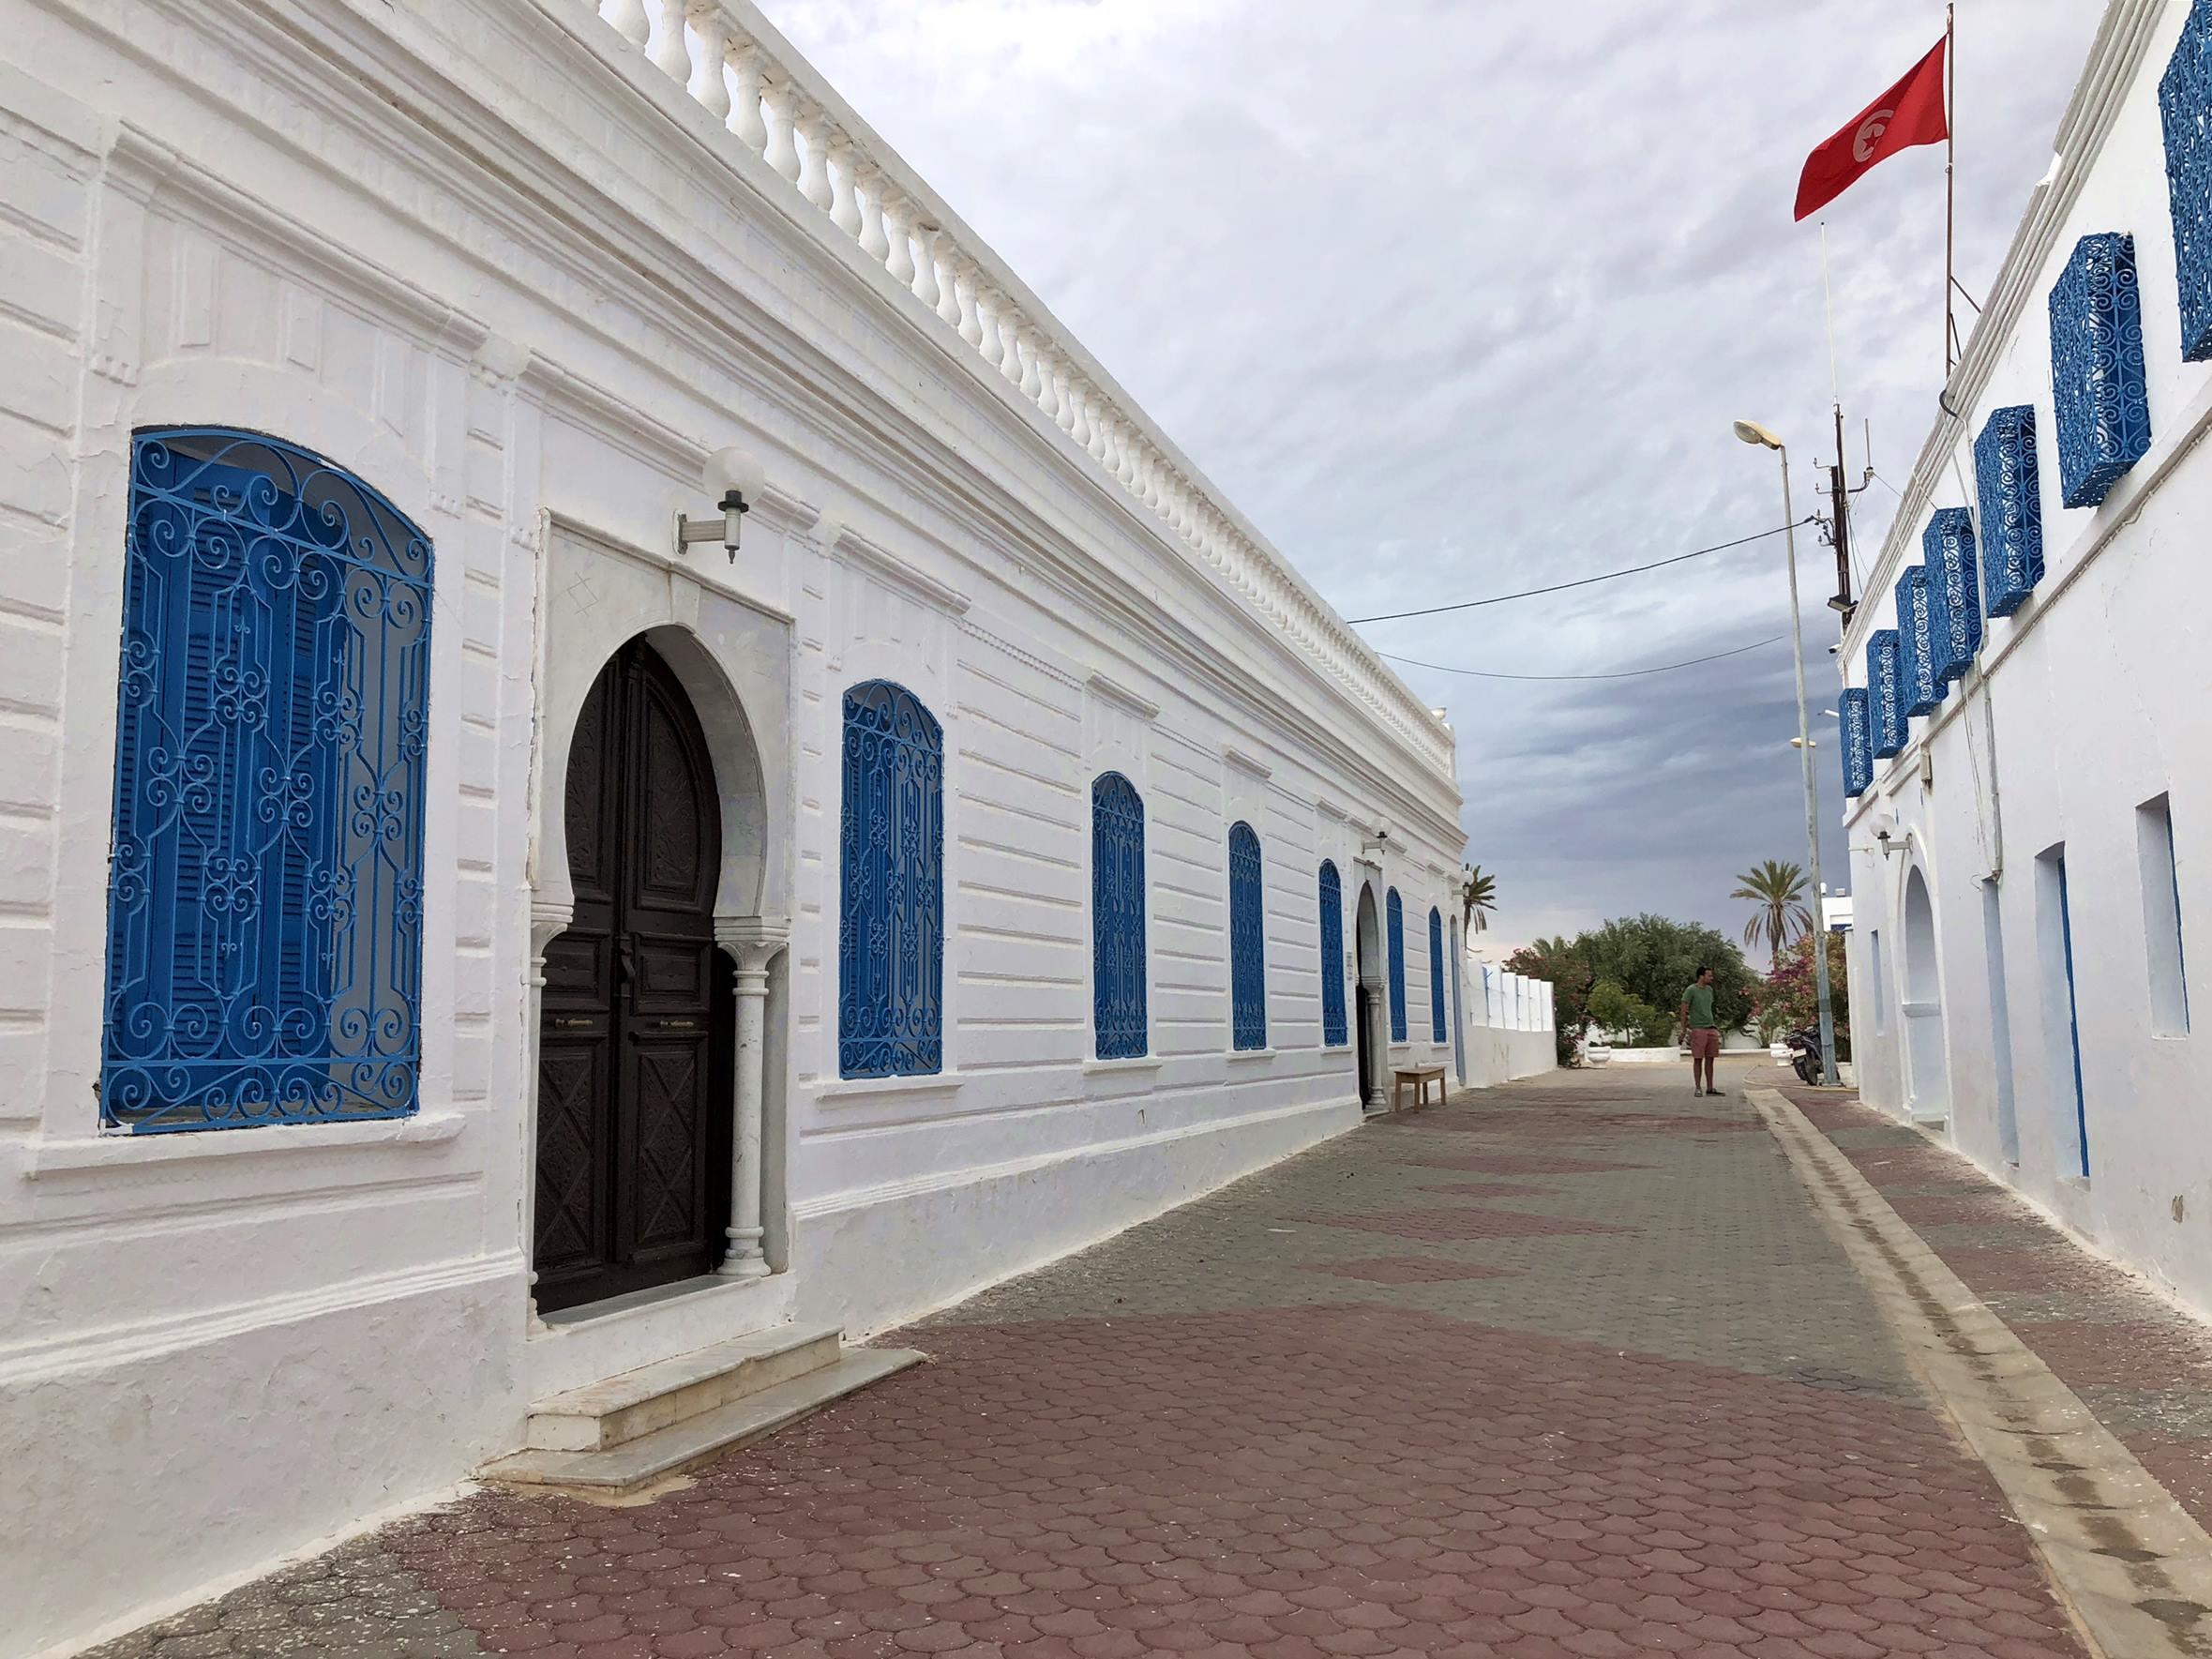 djerba_tunisia_laghriba_1